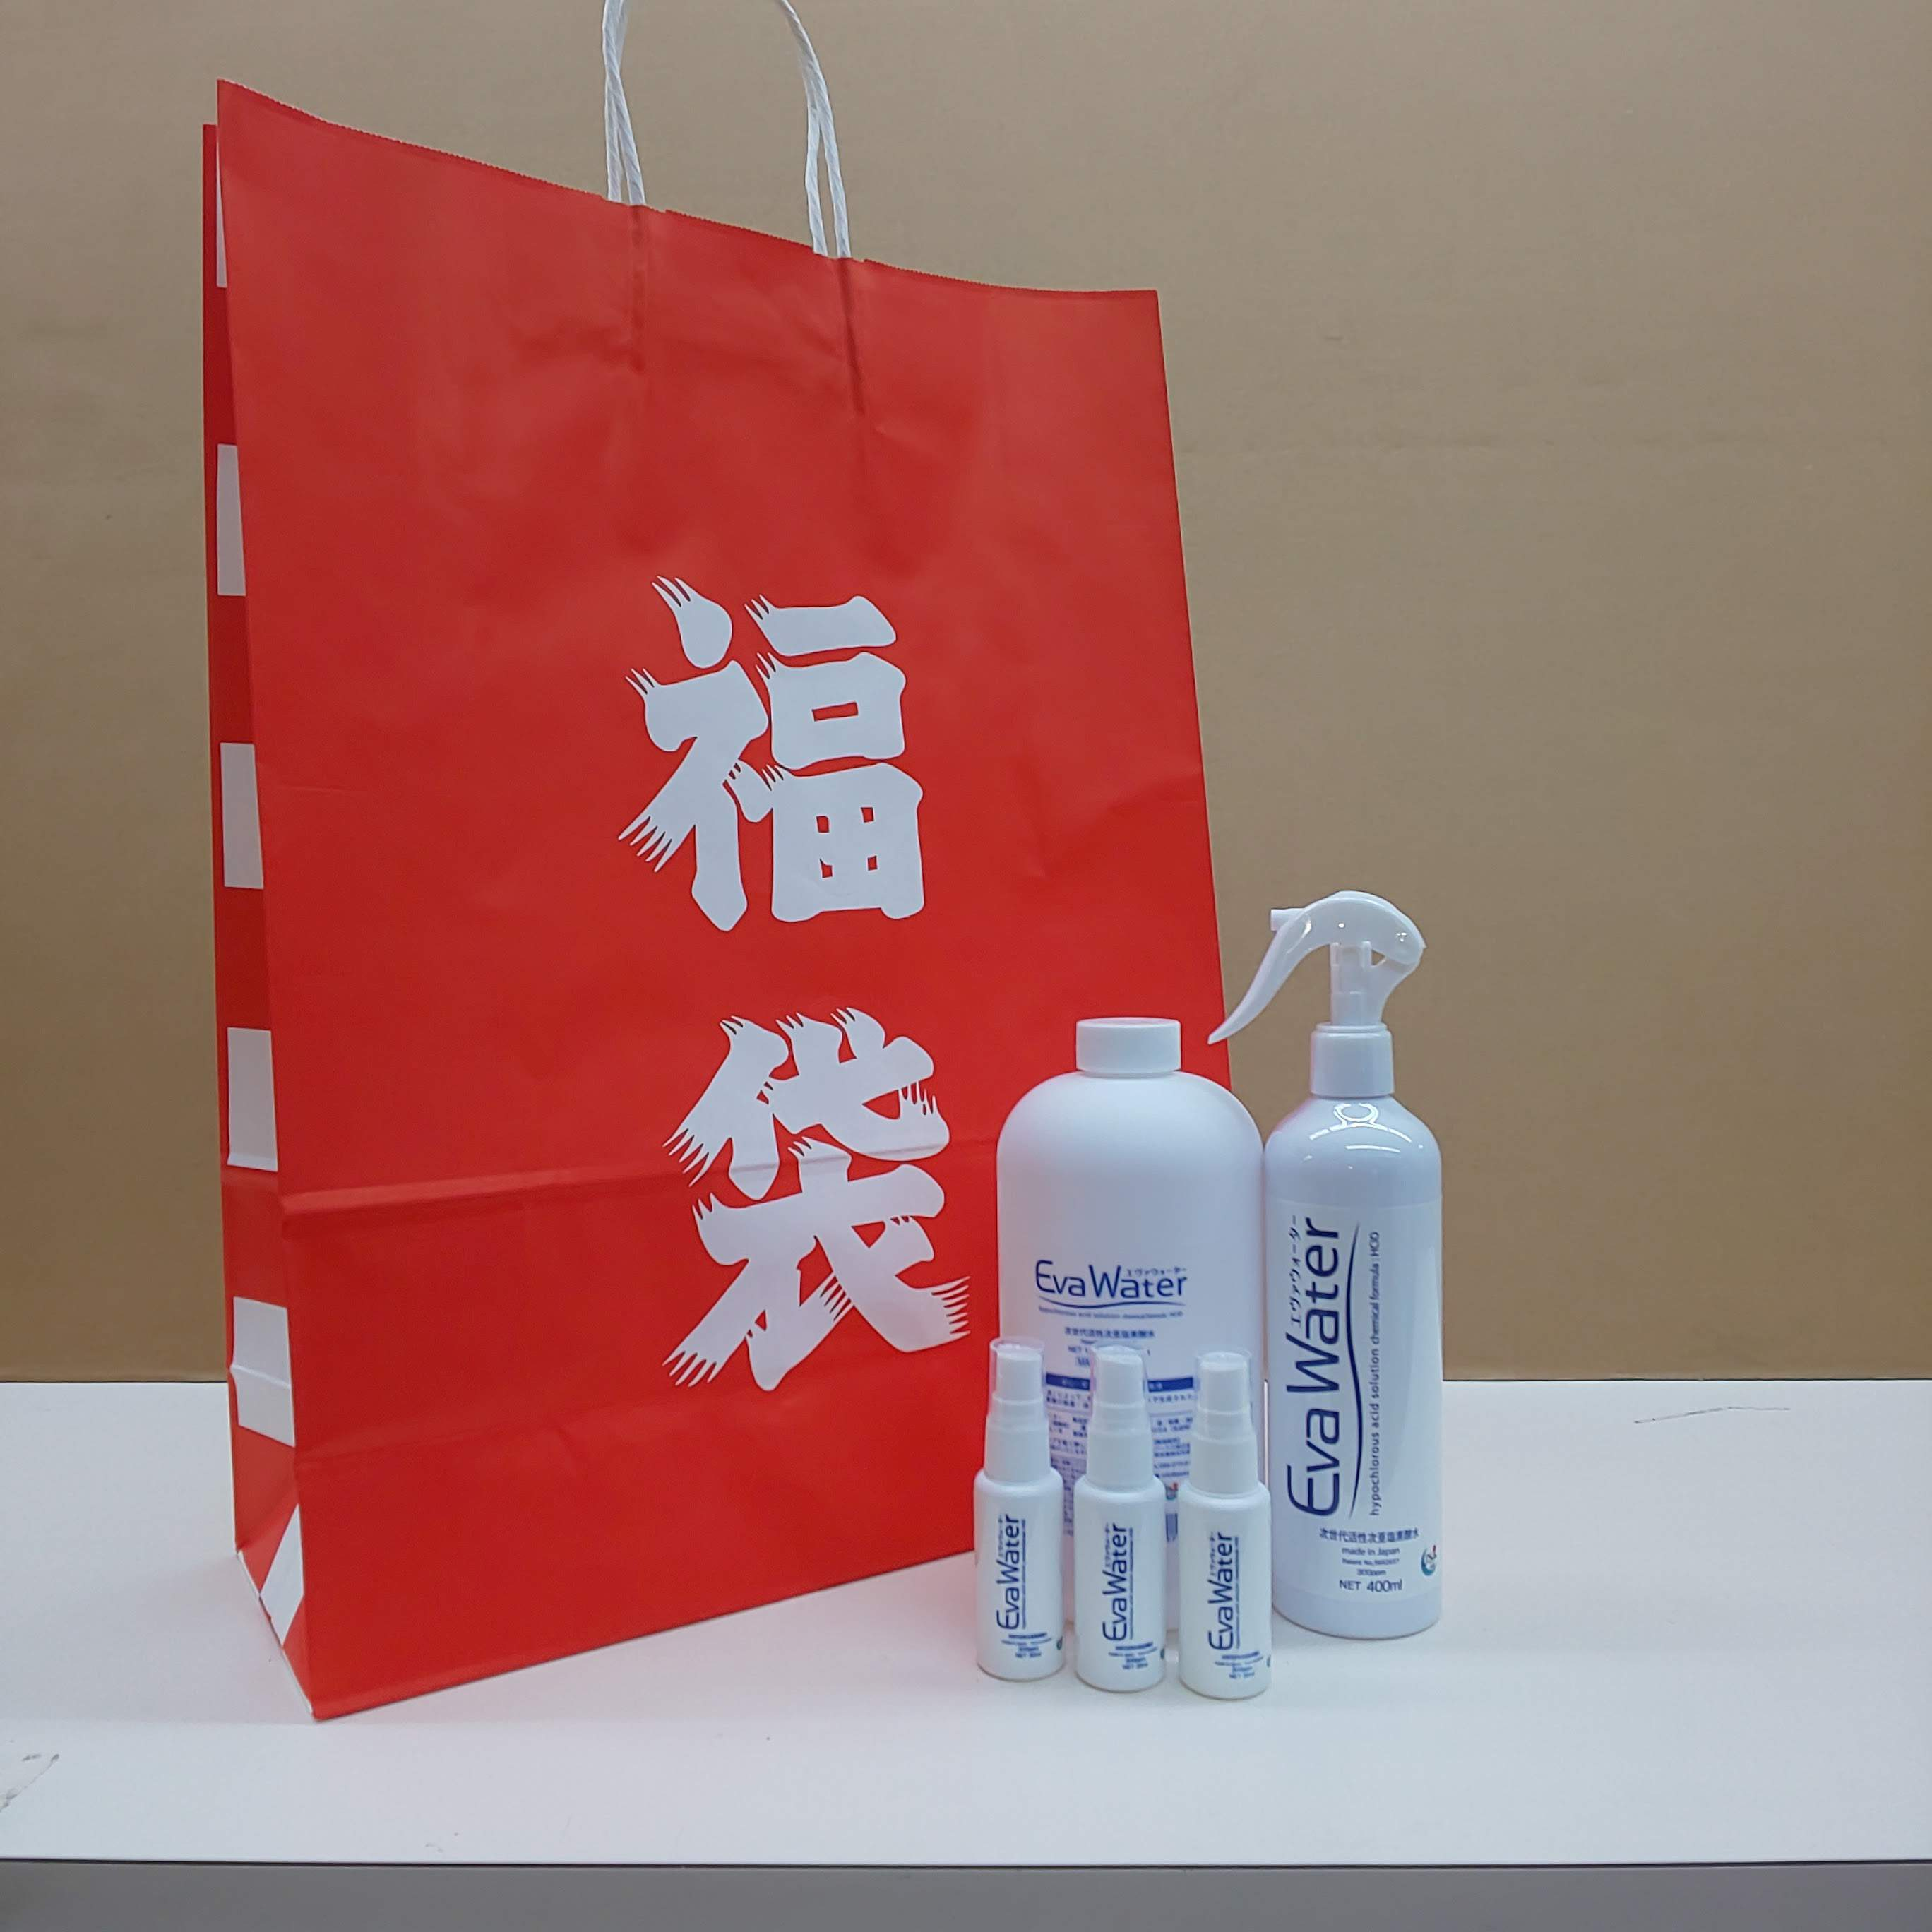 【2021年福袋】ファミリーセット【お年玉抽選付】¥3,300 ※12/21まで